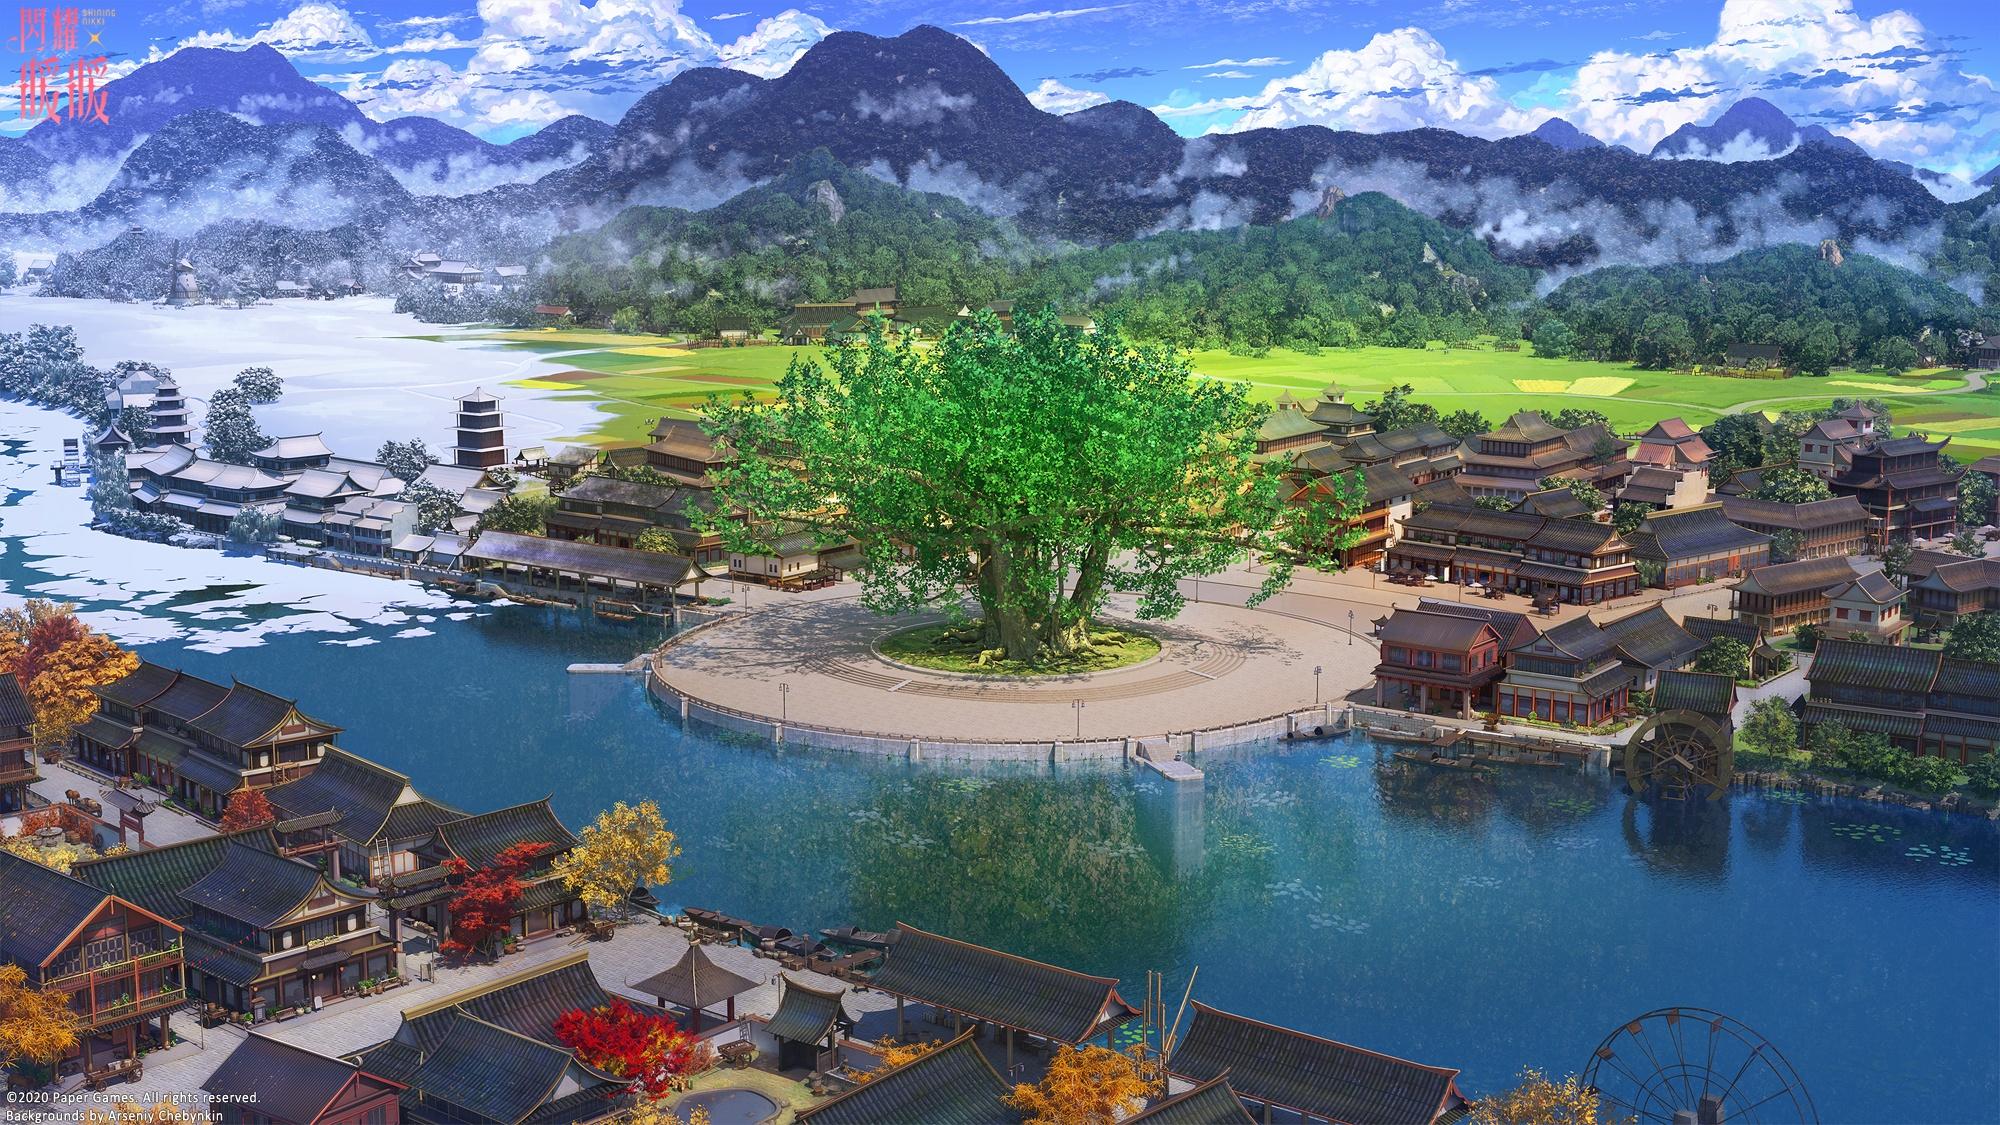 Anime City best wallpaper